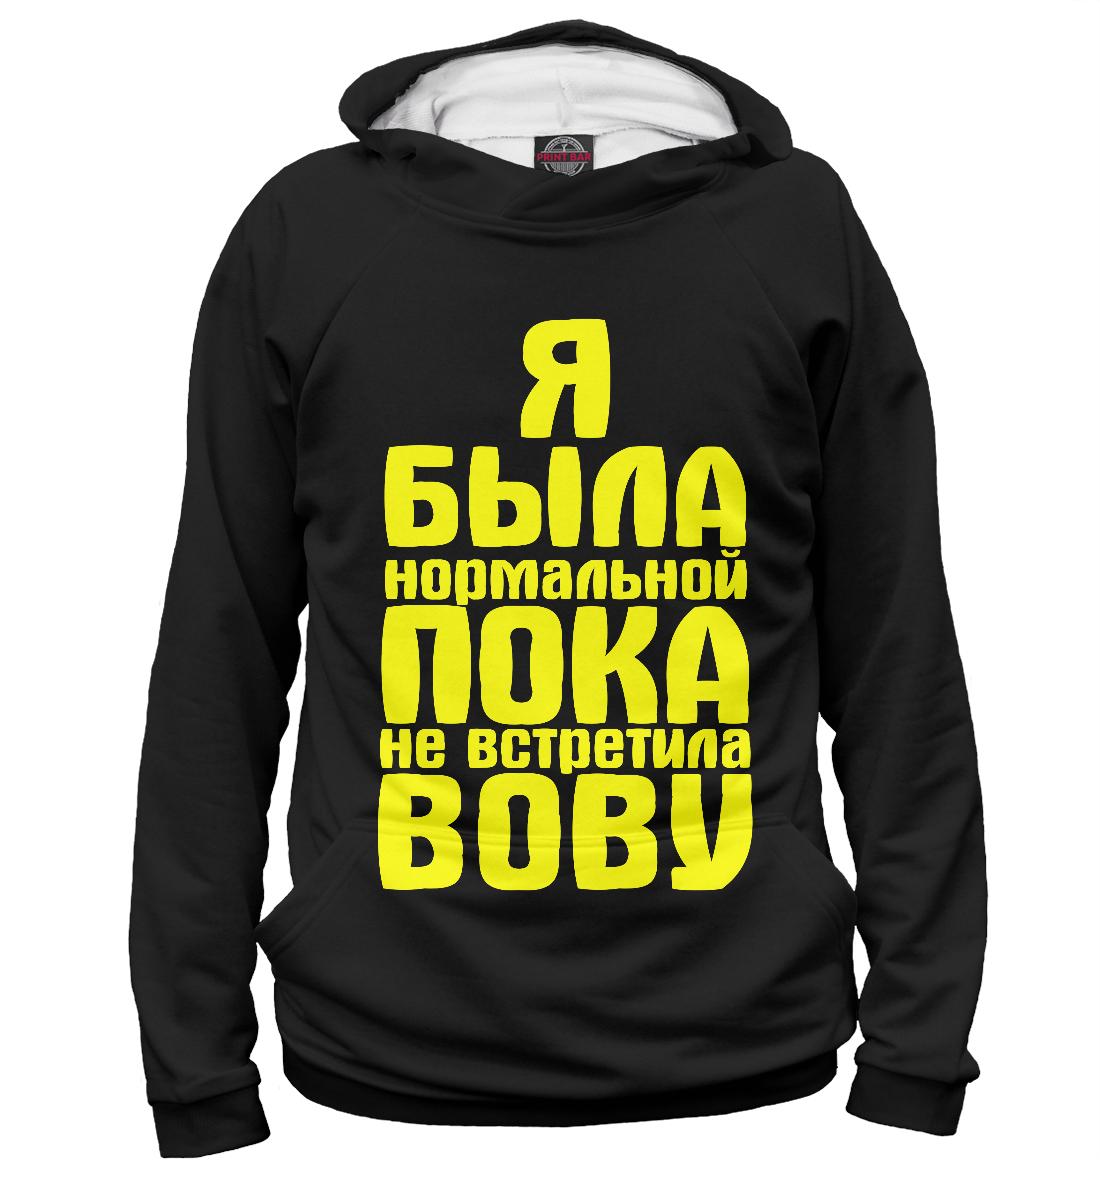 Купить Пока не встретила Вову, Printbar, Худи, IMR-730712-hud-2